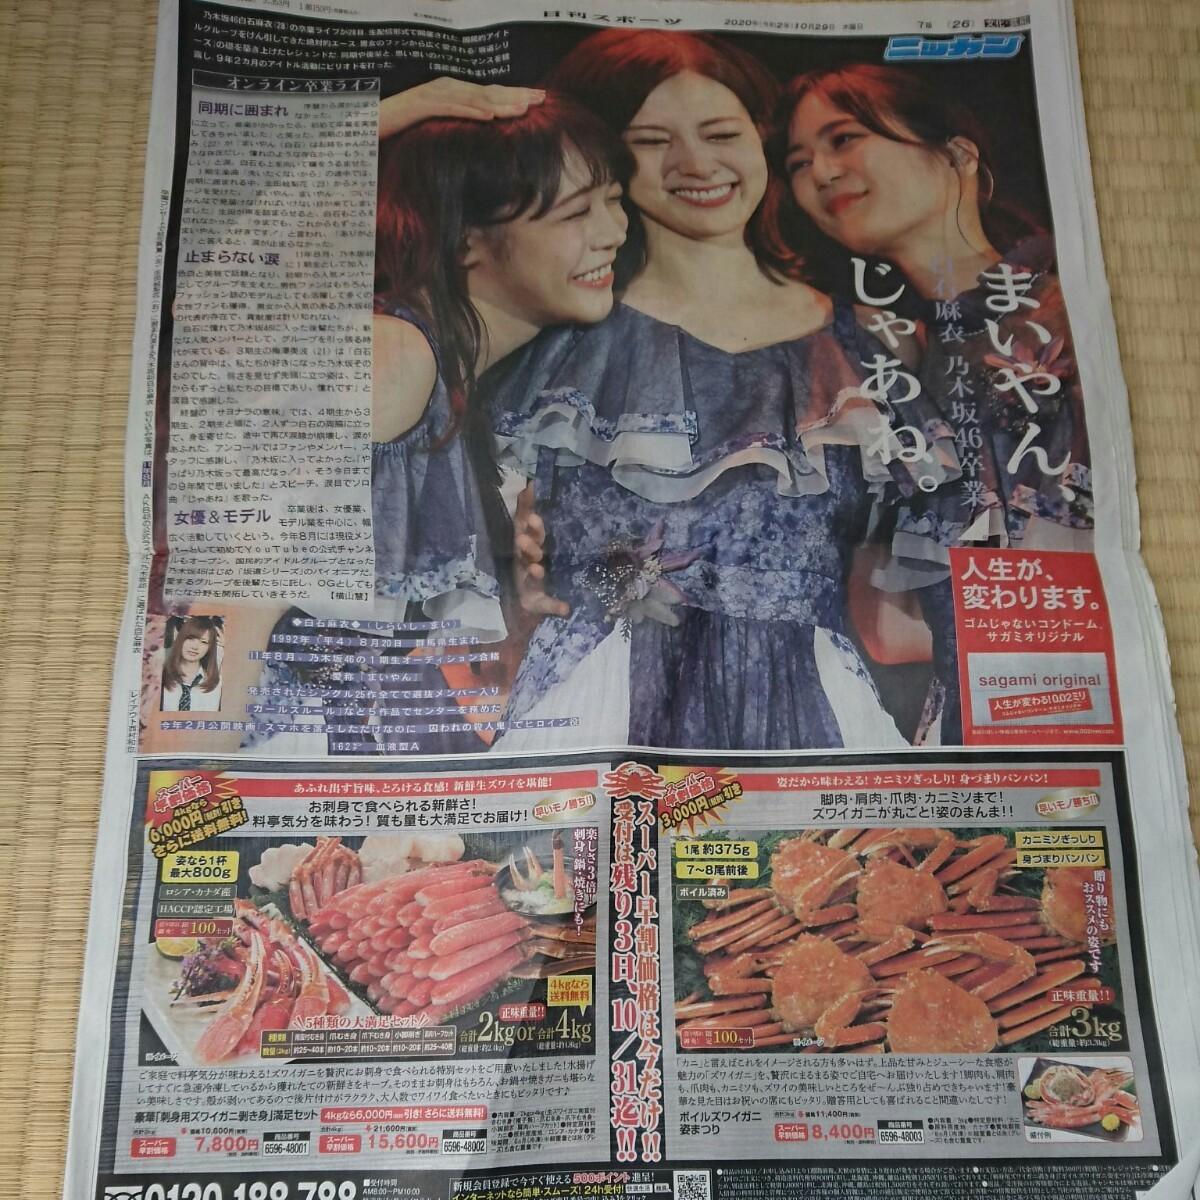 乃木坂46 白石麻衣 卒業記事